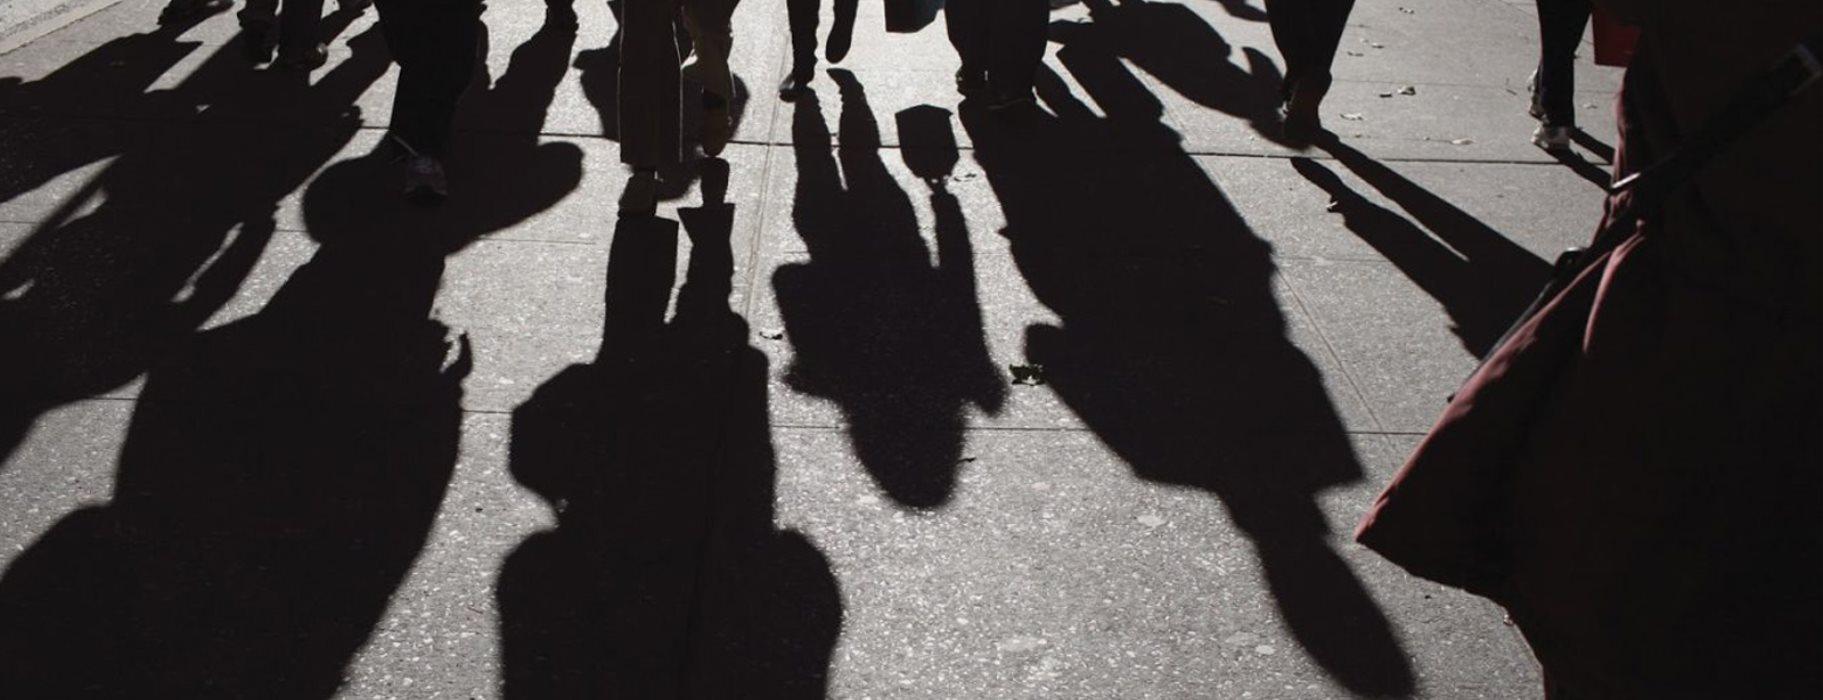 Ελλάδα: Ύφεση 4,7% το 2020 και ανεργία 20% προβλέπει το ΥΠ.ΟΙΚ